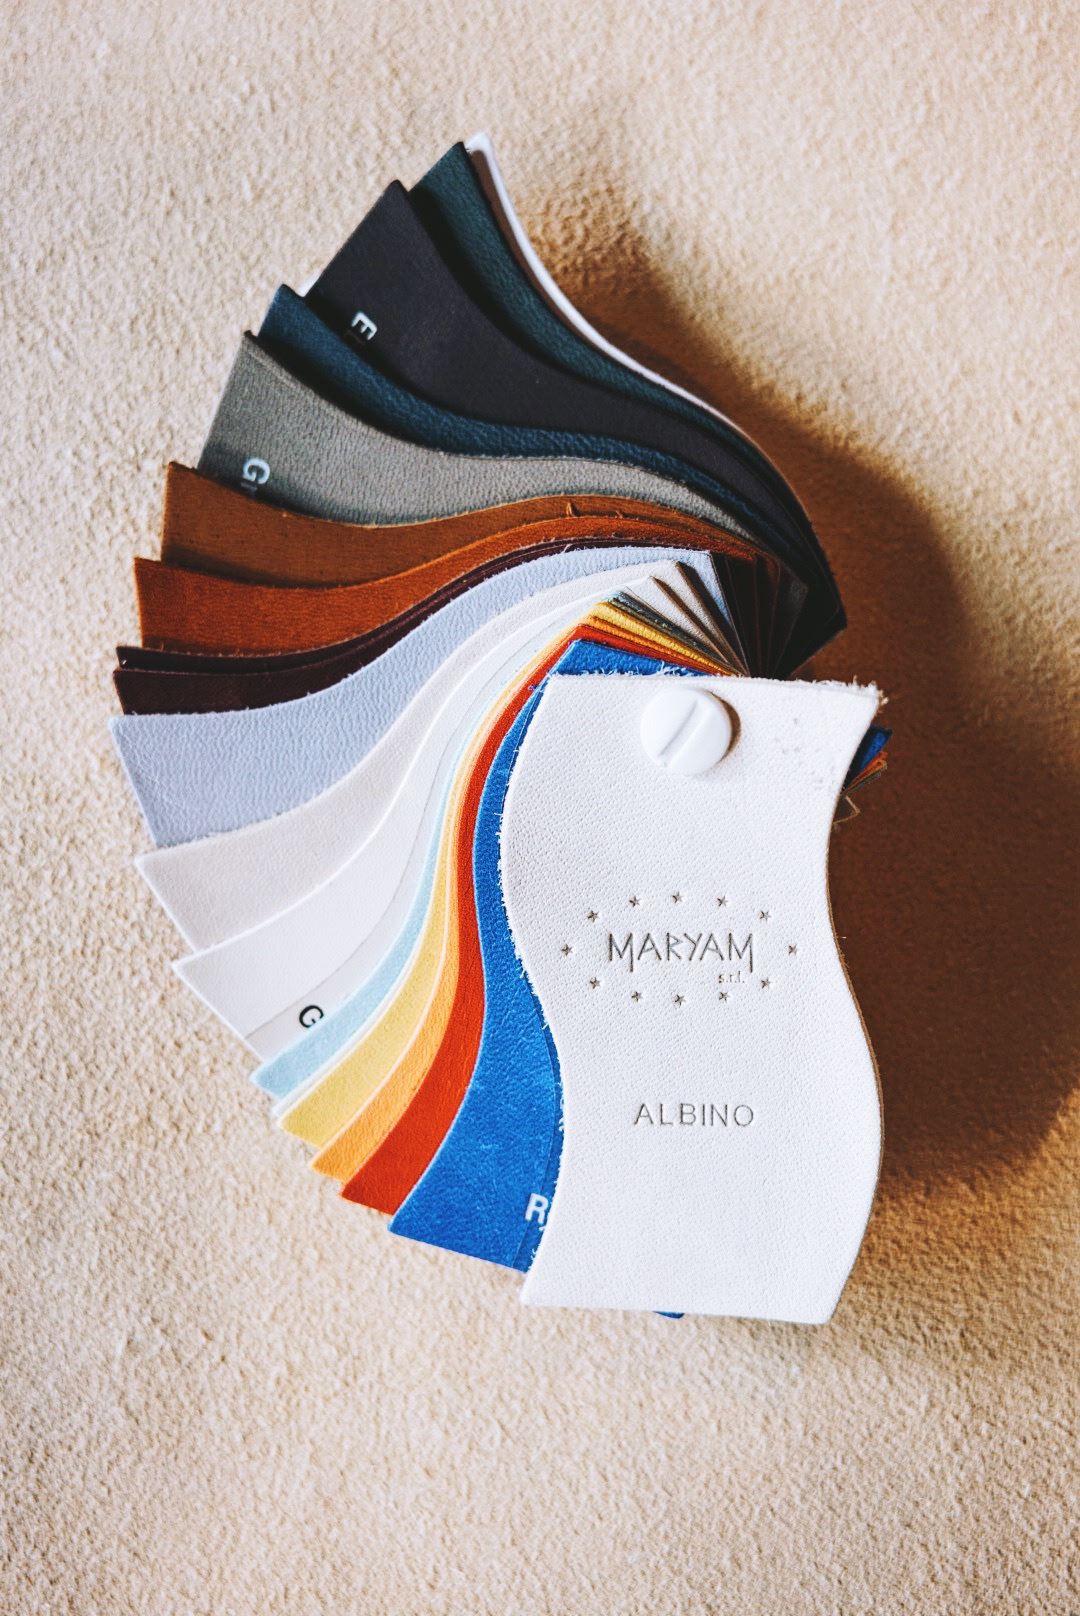 ALBINO SAMPLES